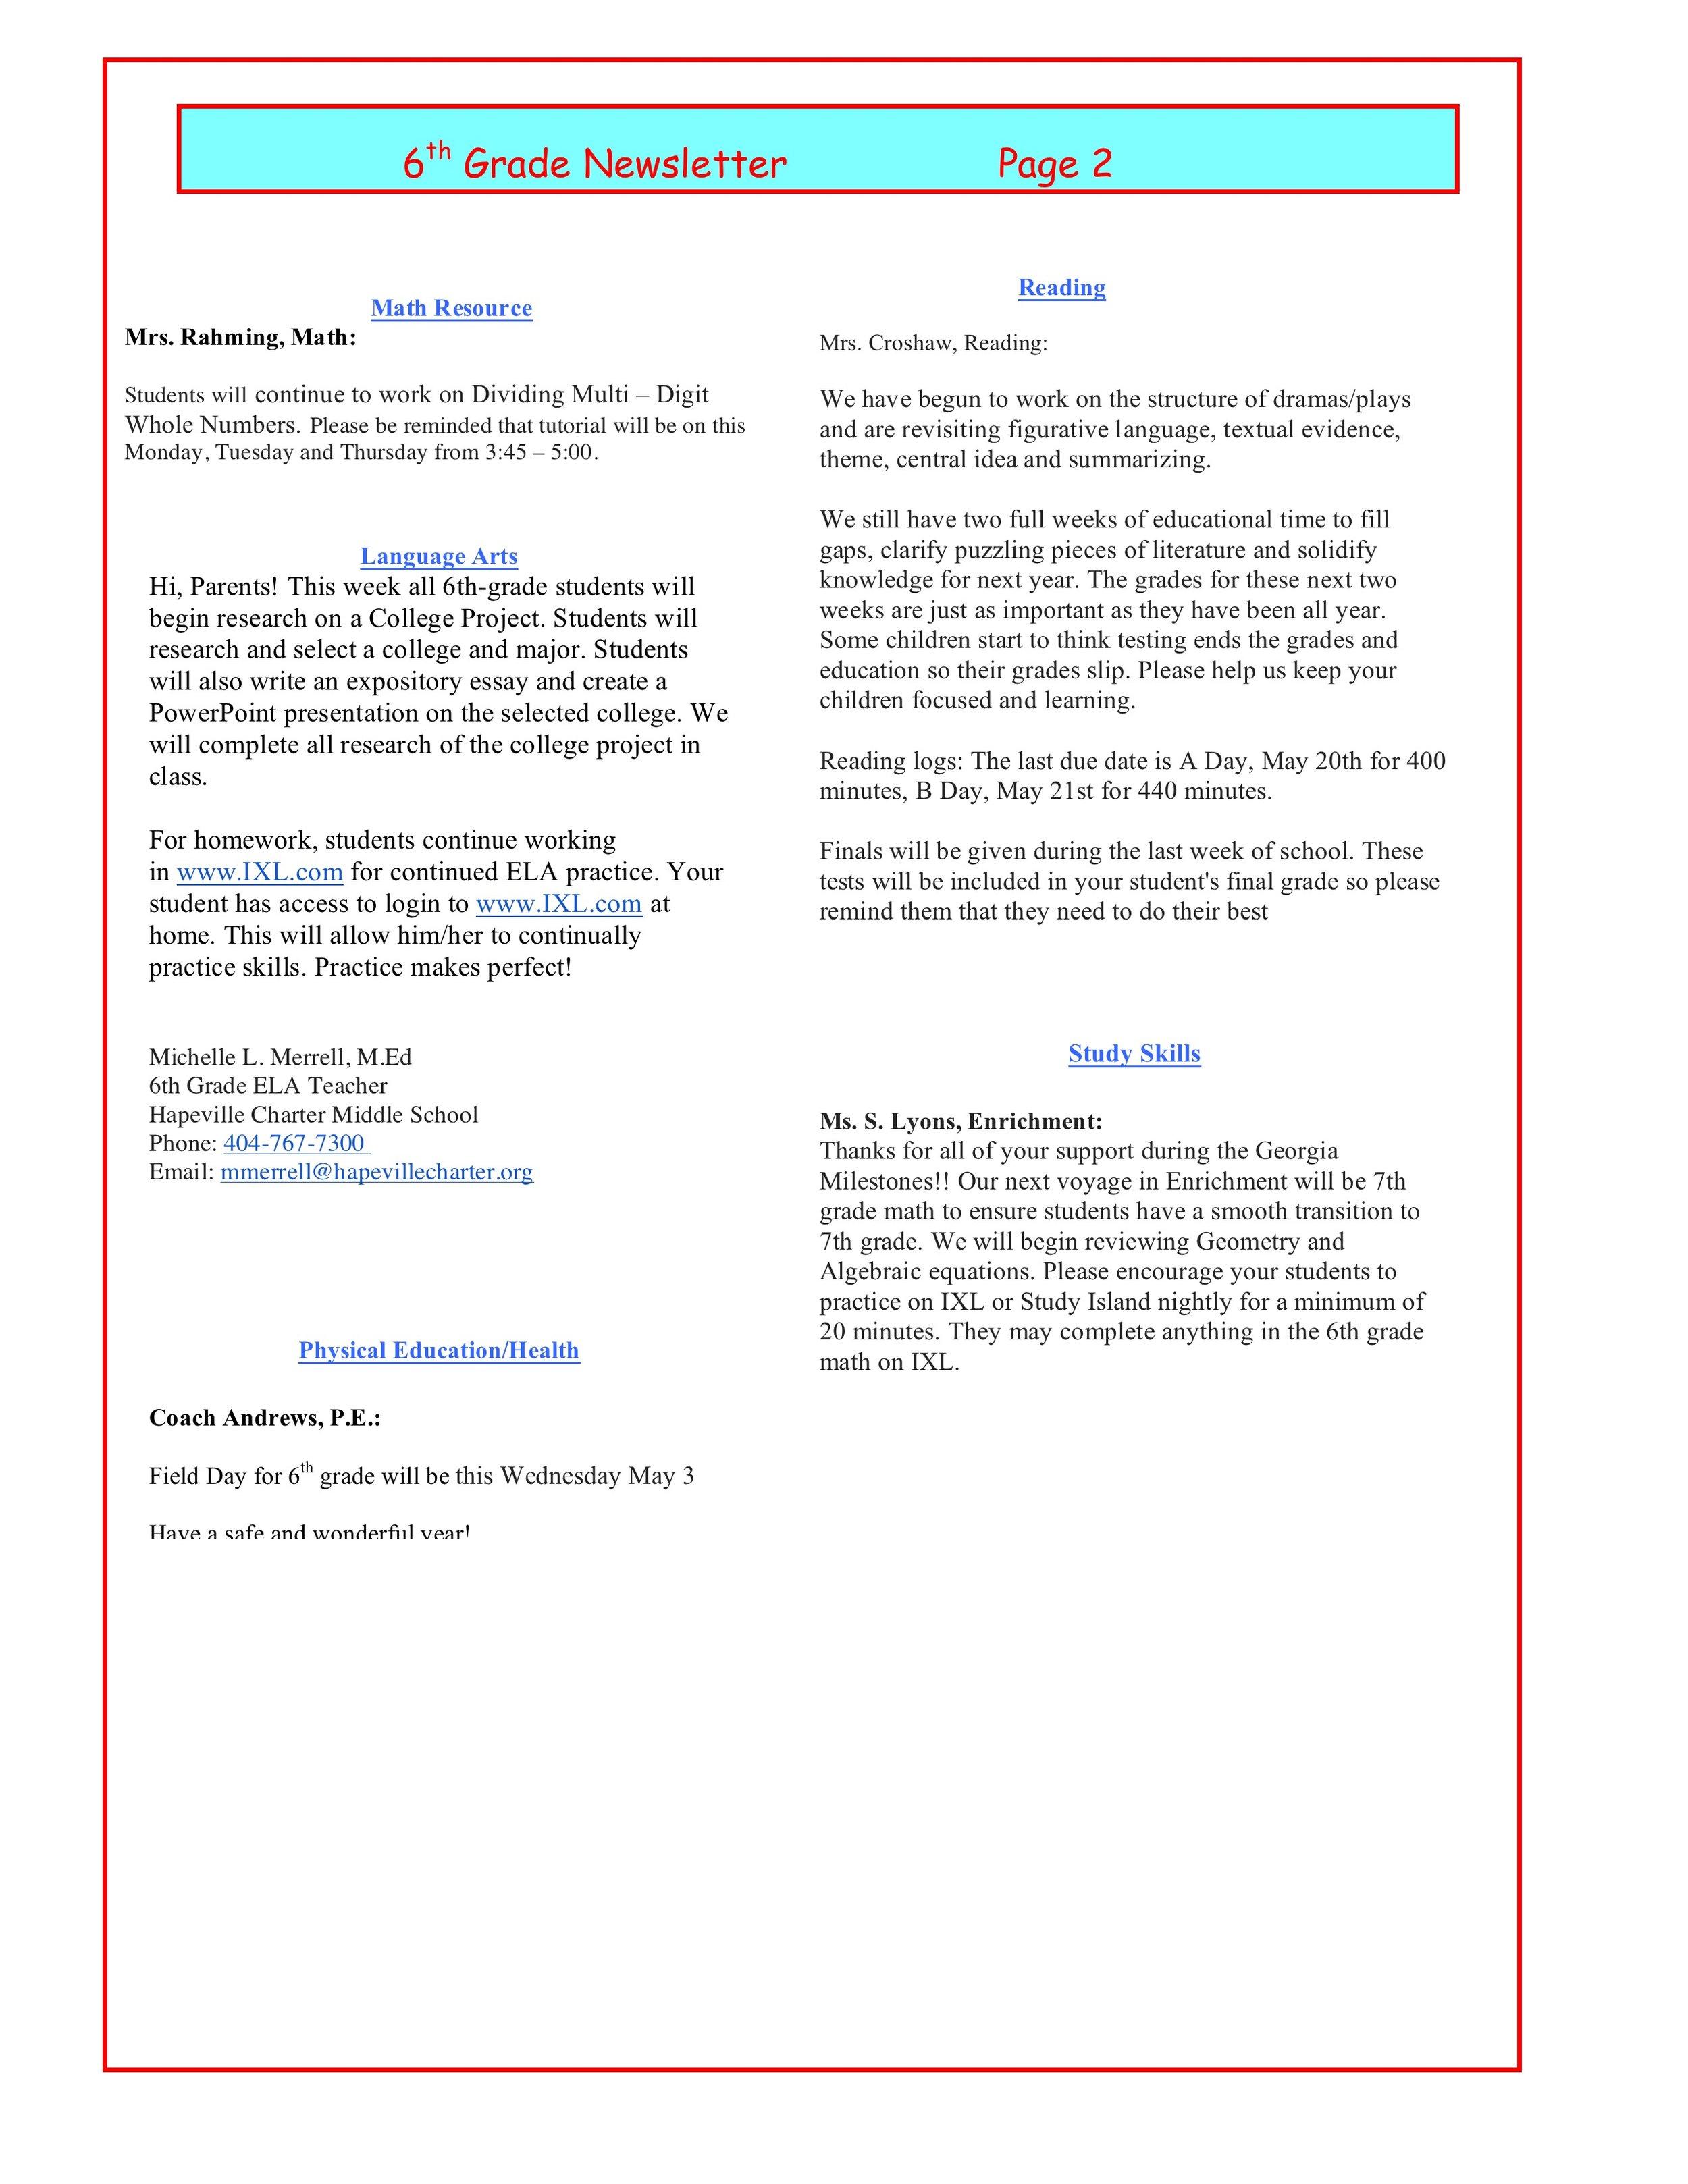 Newsletter Image6th Grade Newsletter 5-9-2017 2.jpeg